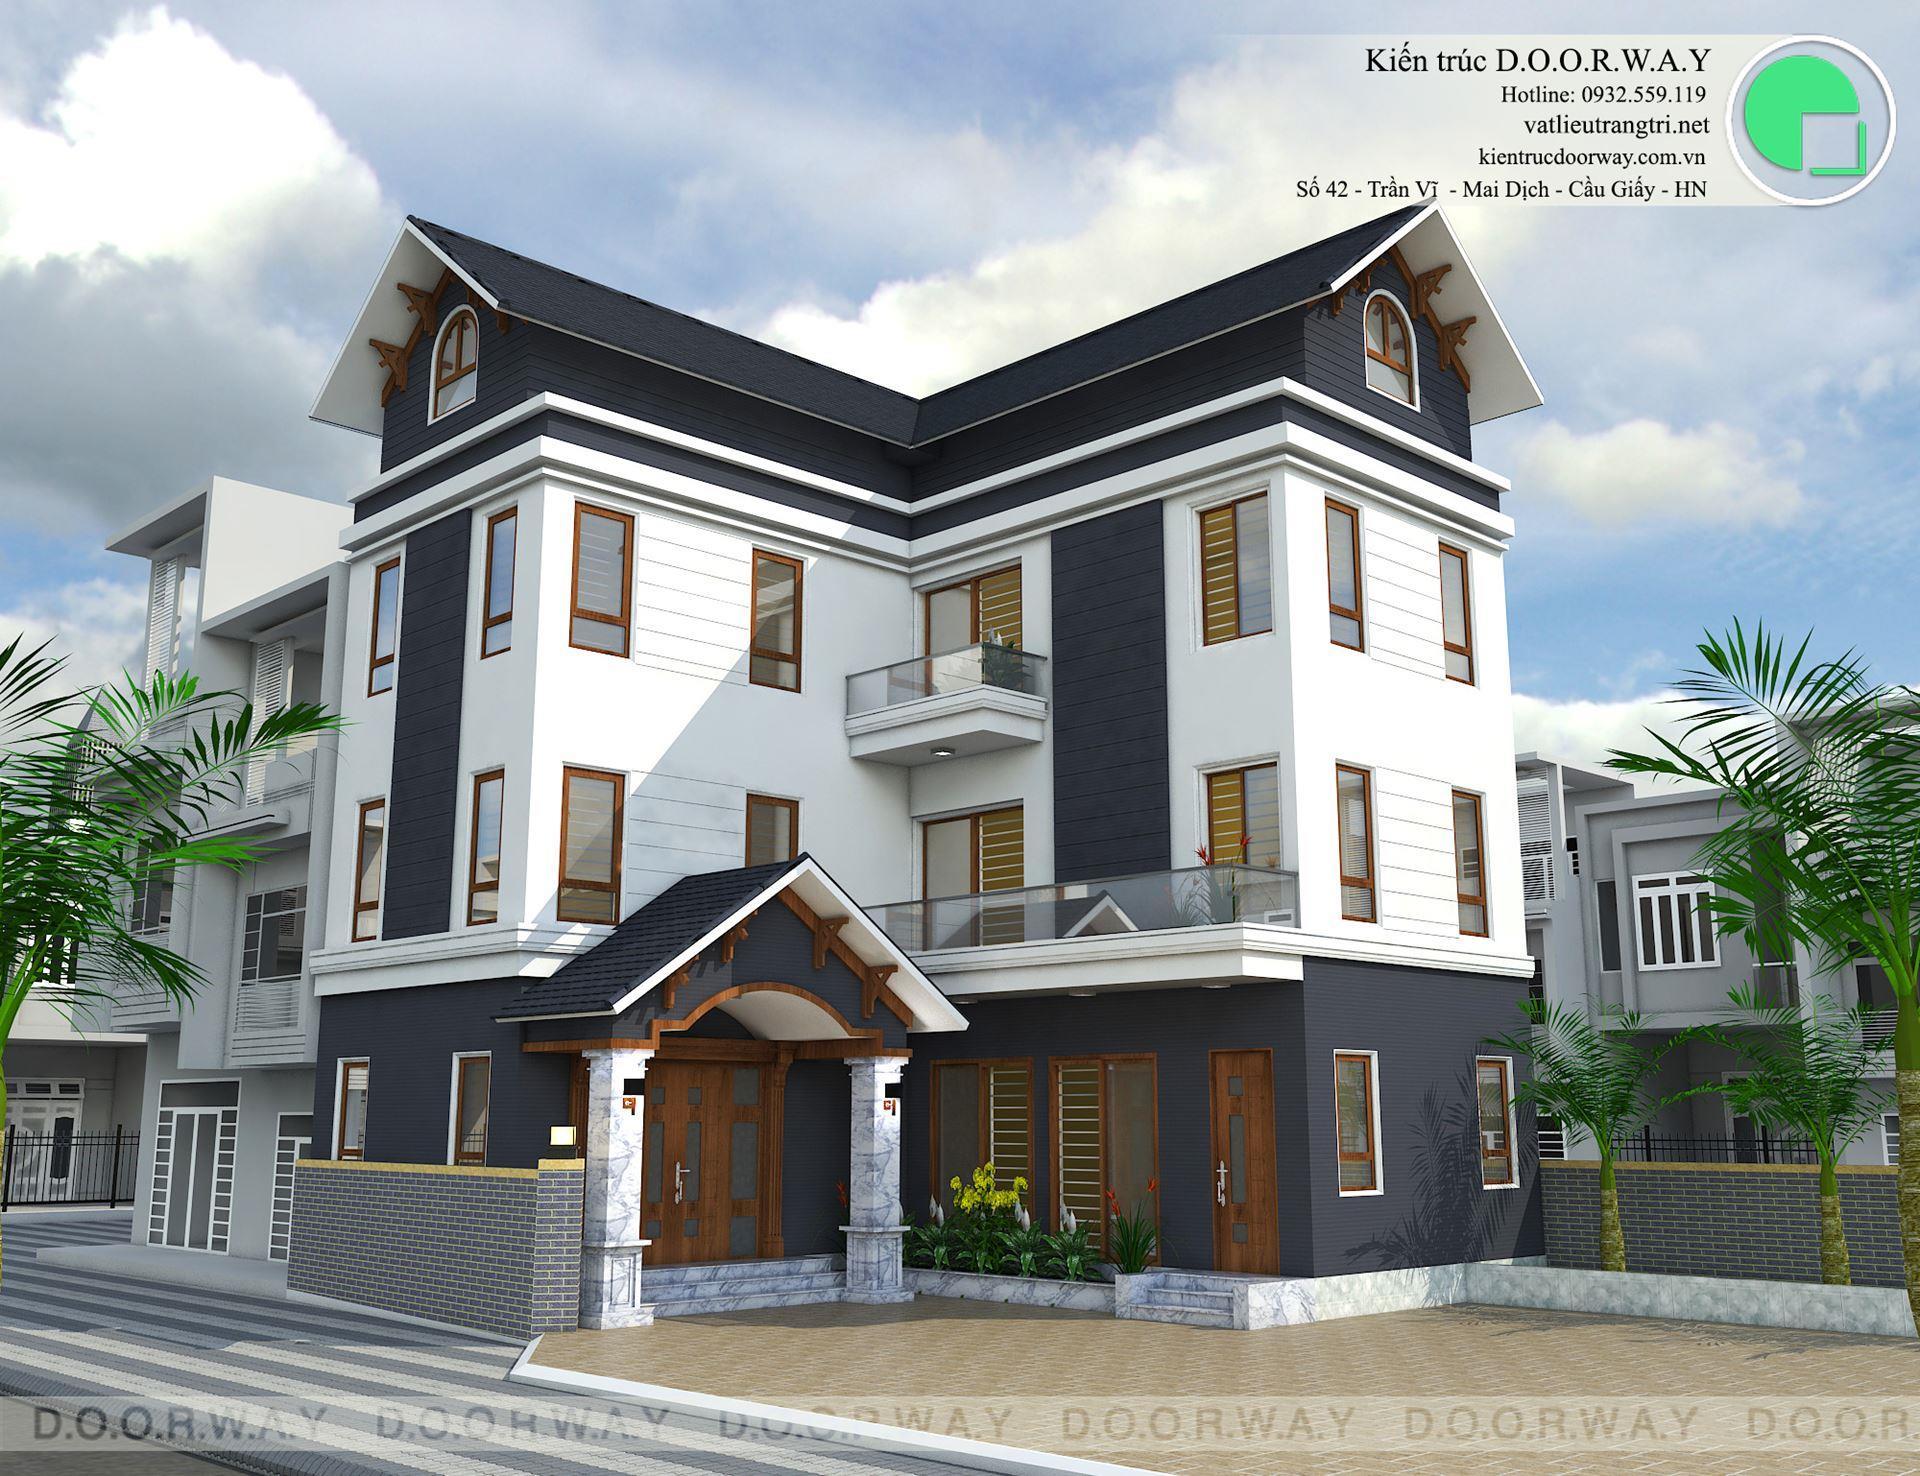 Thiết kế biệt thự 3 tầng mr Chung Tân Hội by doorway góc chính giữa